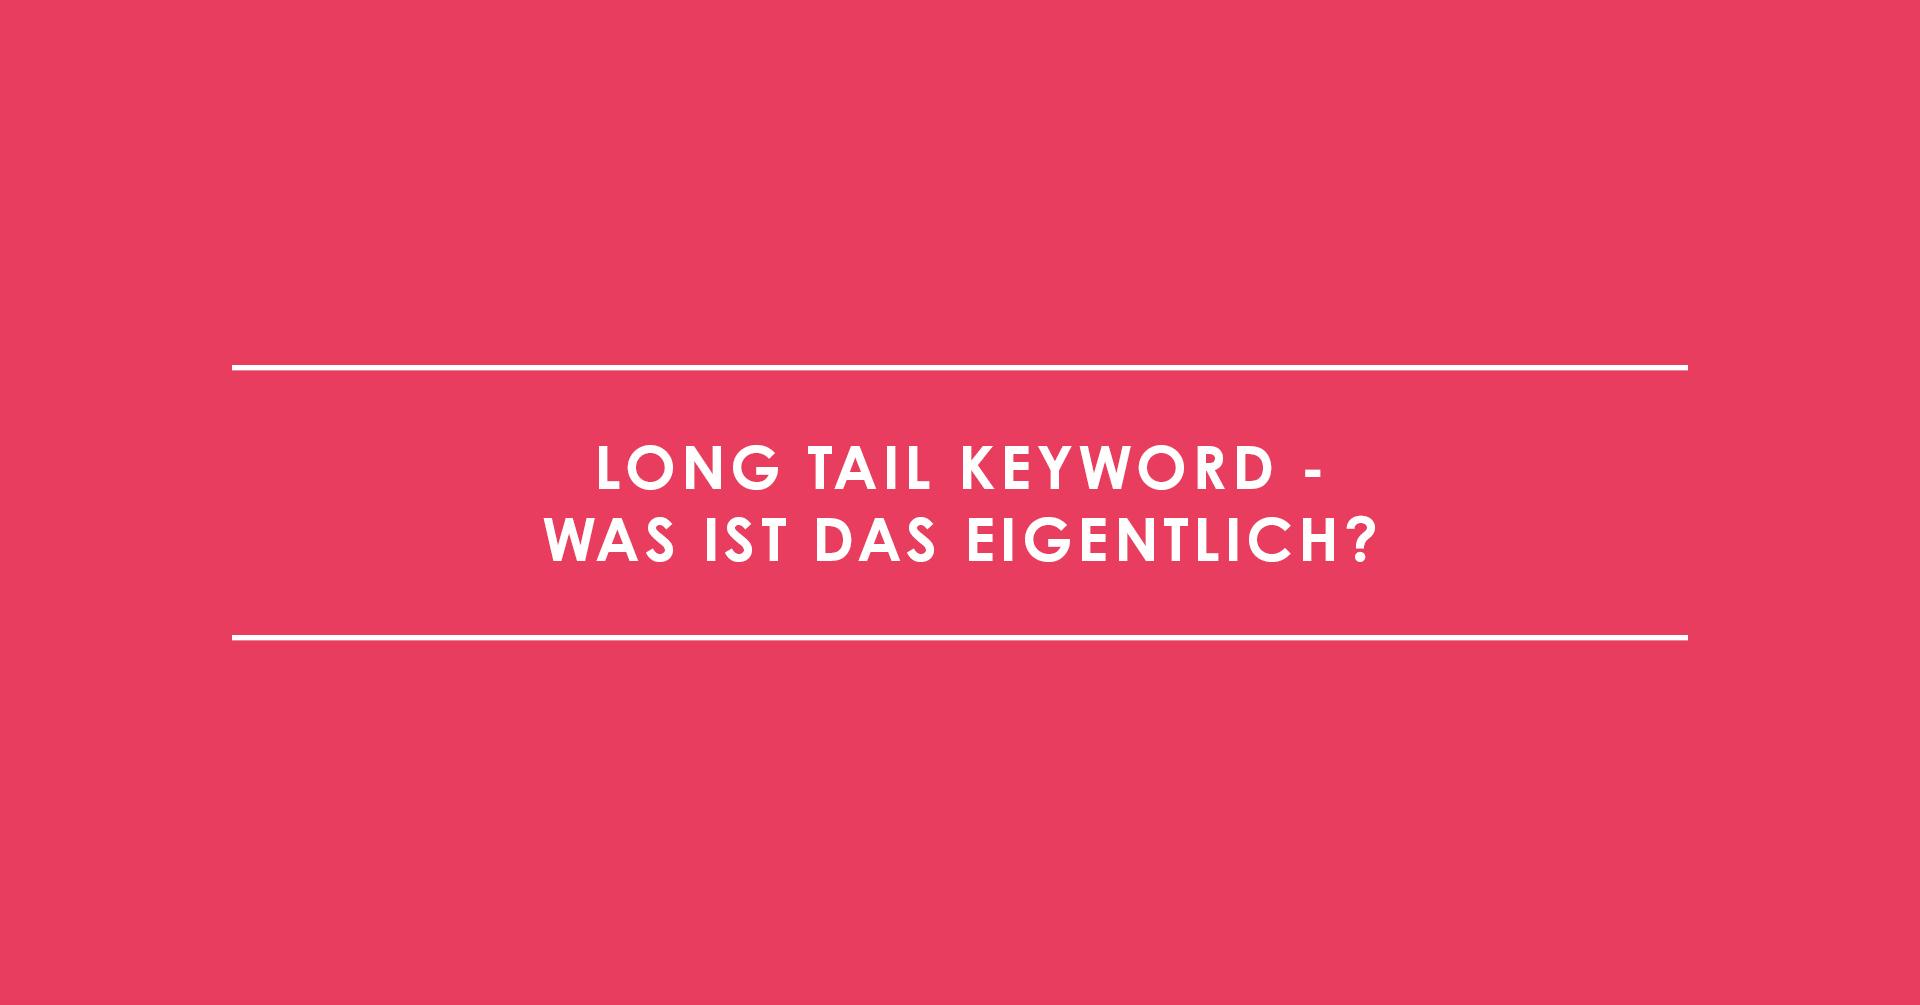 Long Tail Keyword - was ist das eigentlich?